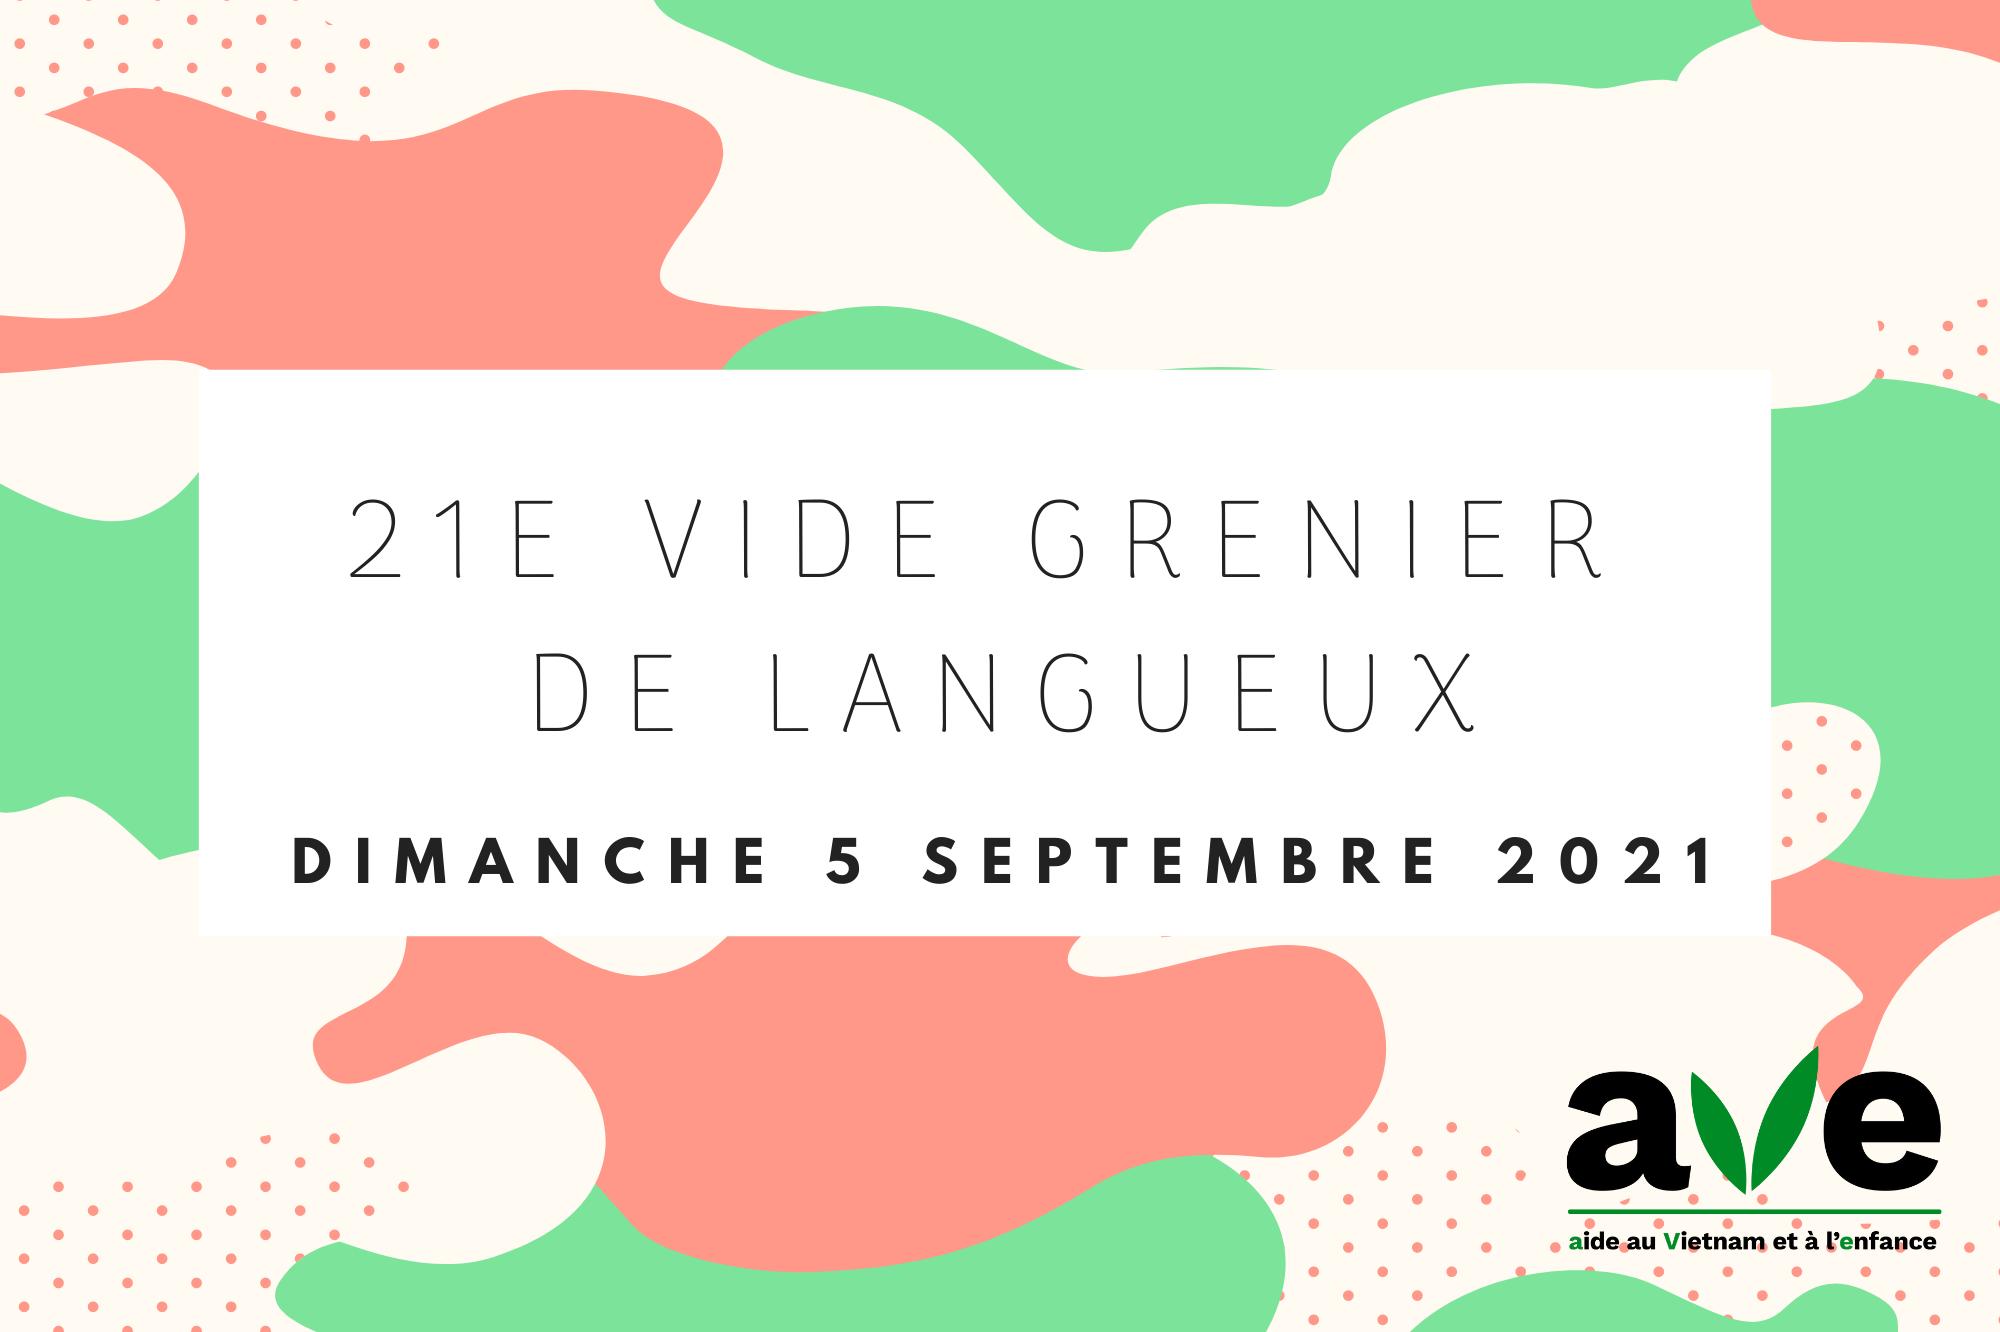 Annonce du vide grenier de Langueux 2021